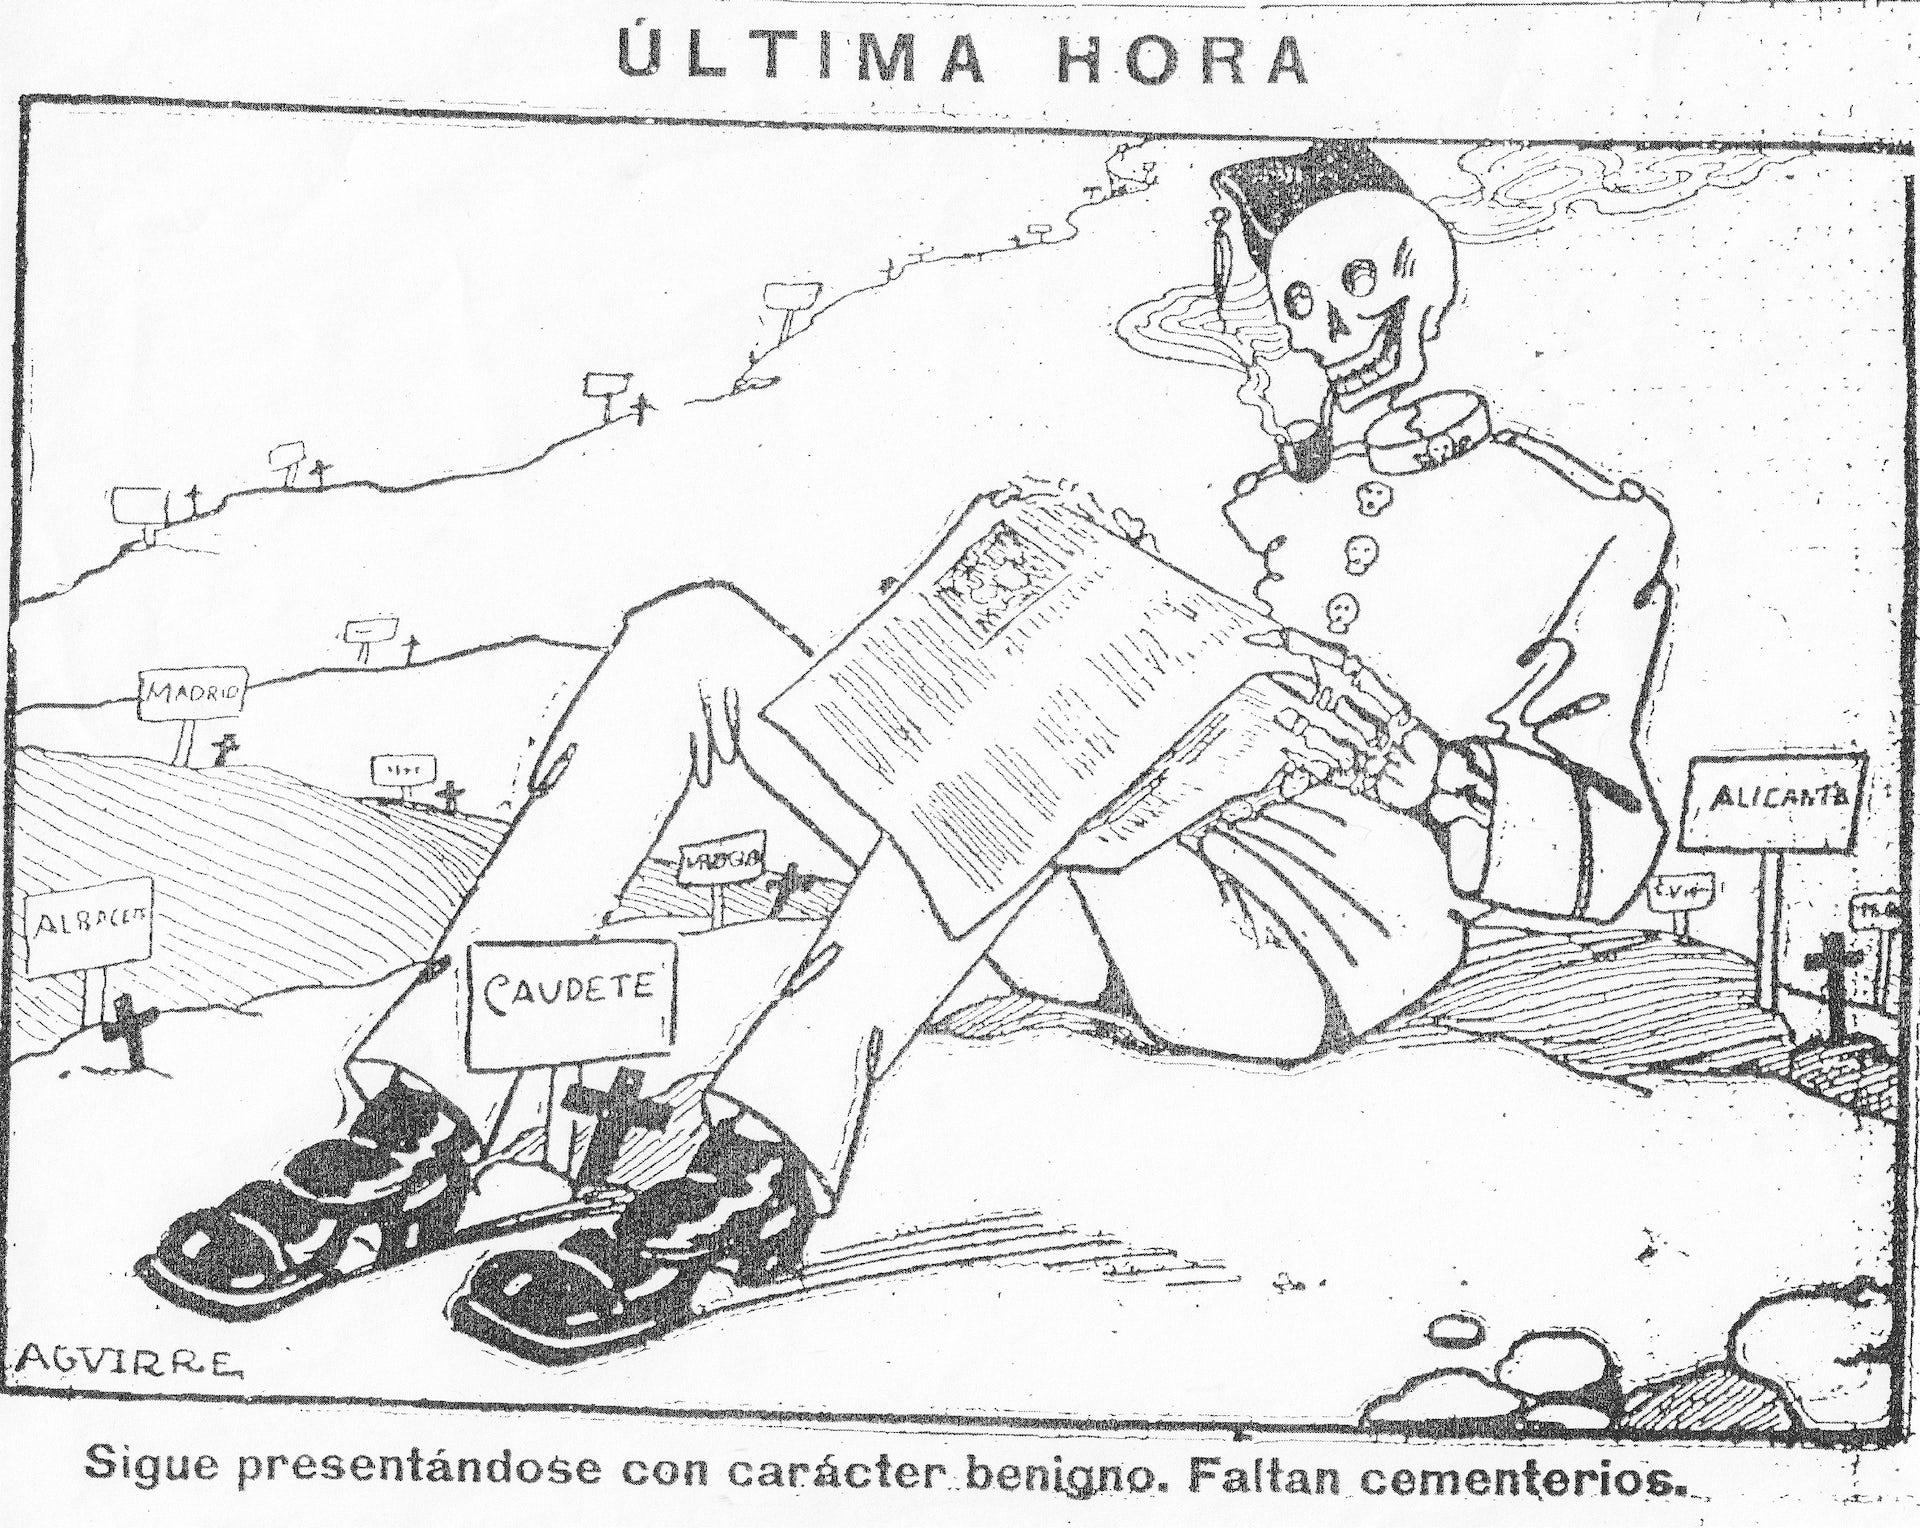 Viñeta de Lorenzo Aguirre publicada en El Fígaro el 25 de septiembre de 1918 que hace referencia al Soldado de Nápoles, nombre dado inicialmente a la enfermedad por ser tan pegadiza como la partitura de canción del mismo nombre perteneciente a la zarzuelaLa canción del olvido(Sarachaga, Fernández-Shaw Iturralde y Serrano, 1916) .Wikimedia Commons / El Fígaro